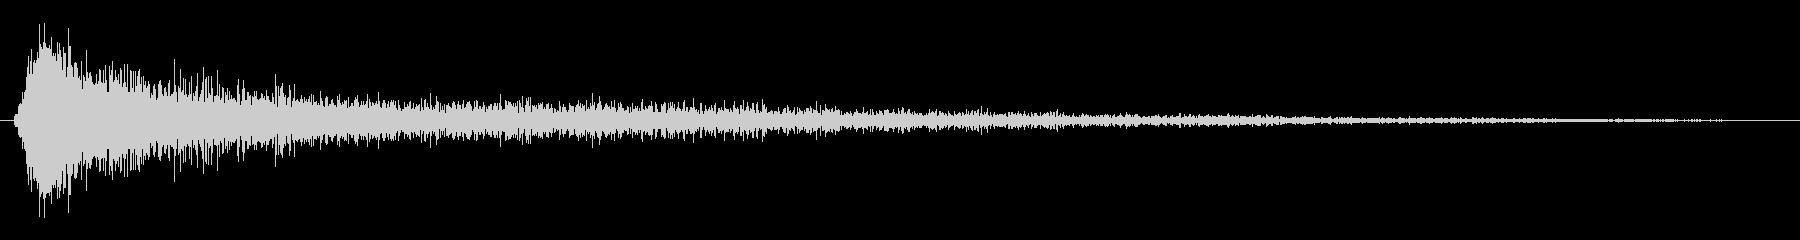 ホラー ピアノトゥワンファーストス...の未再生の波形